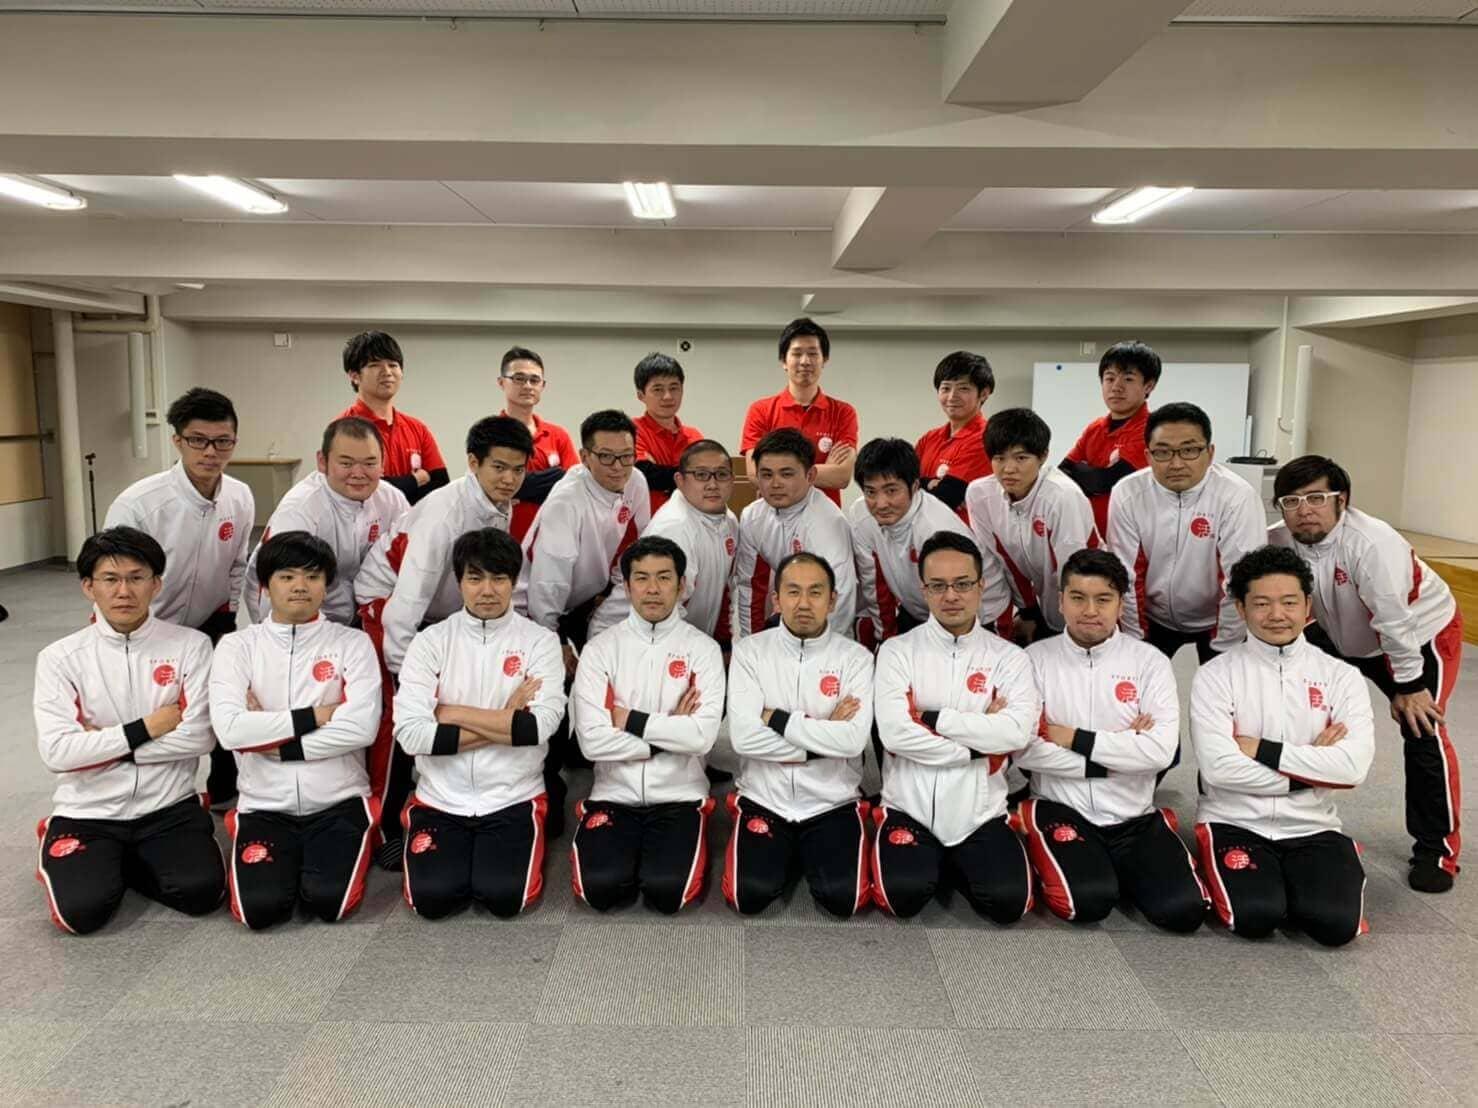 小林整骨院グループのスポーツトレーナー活動。